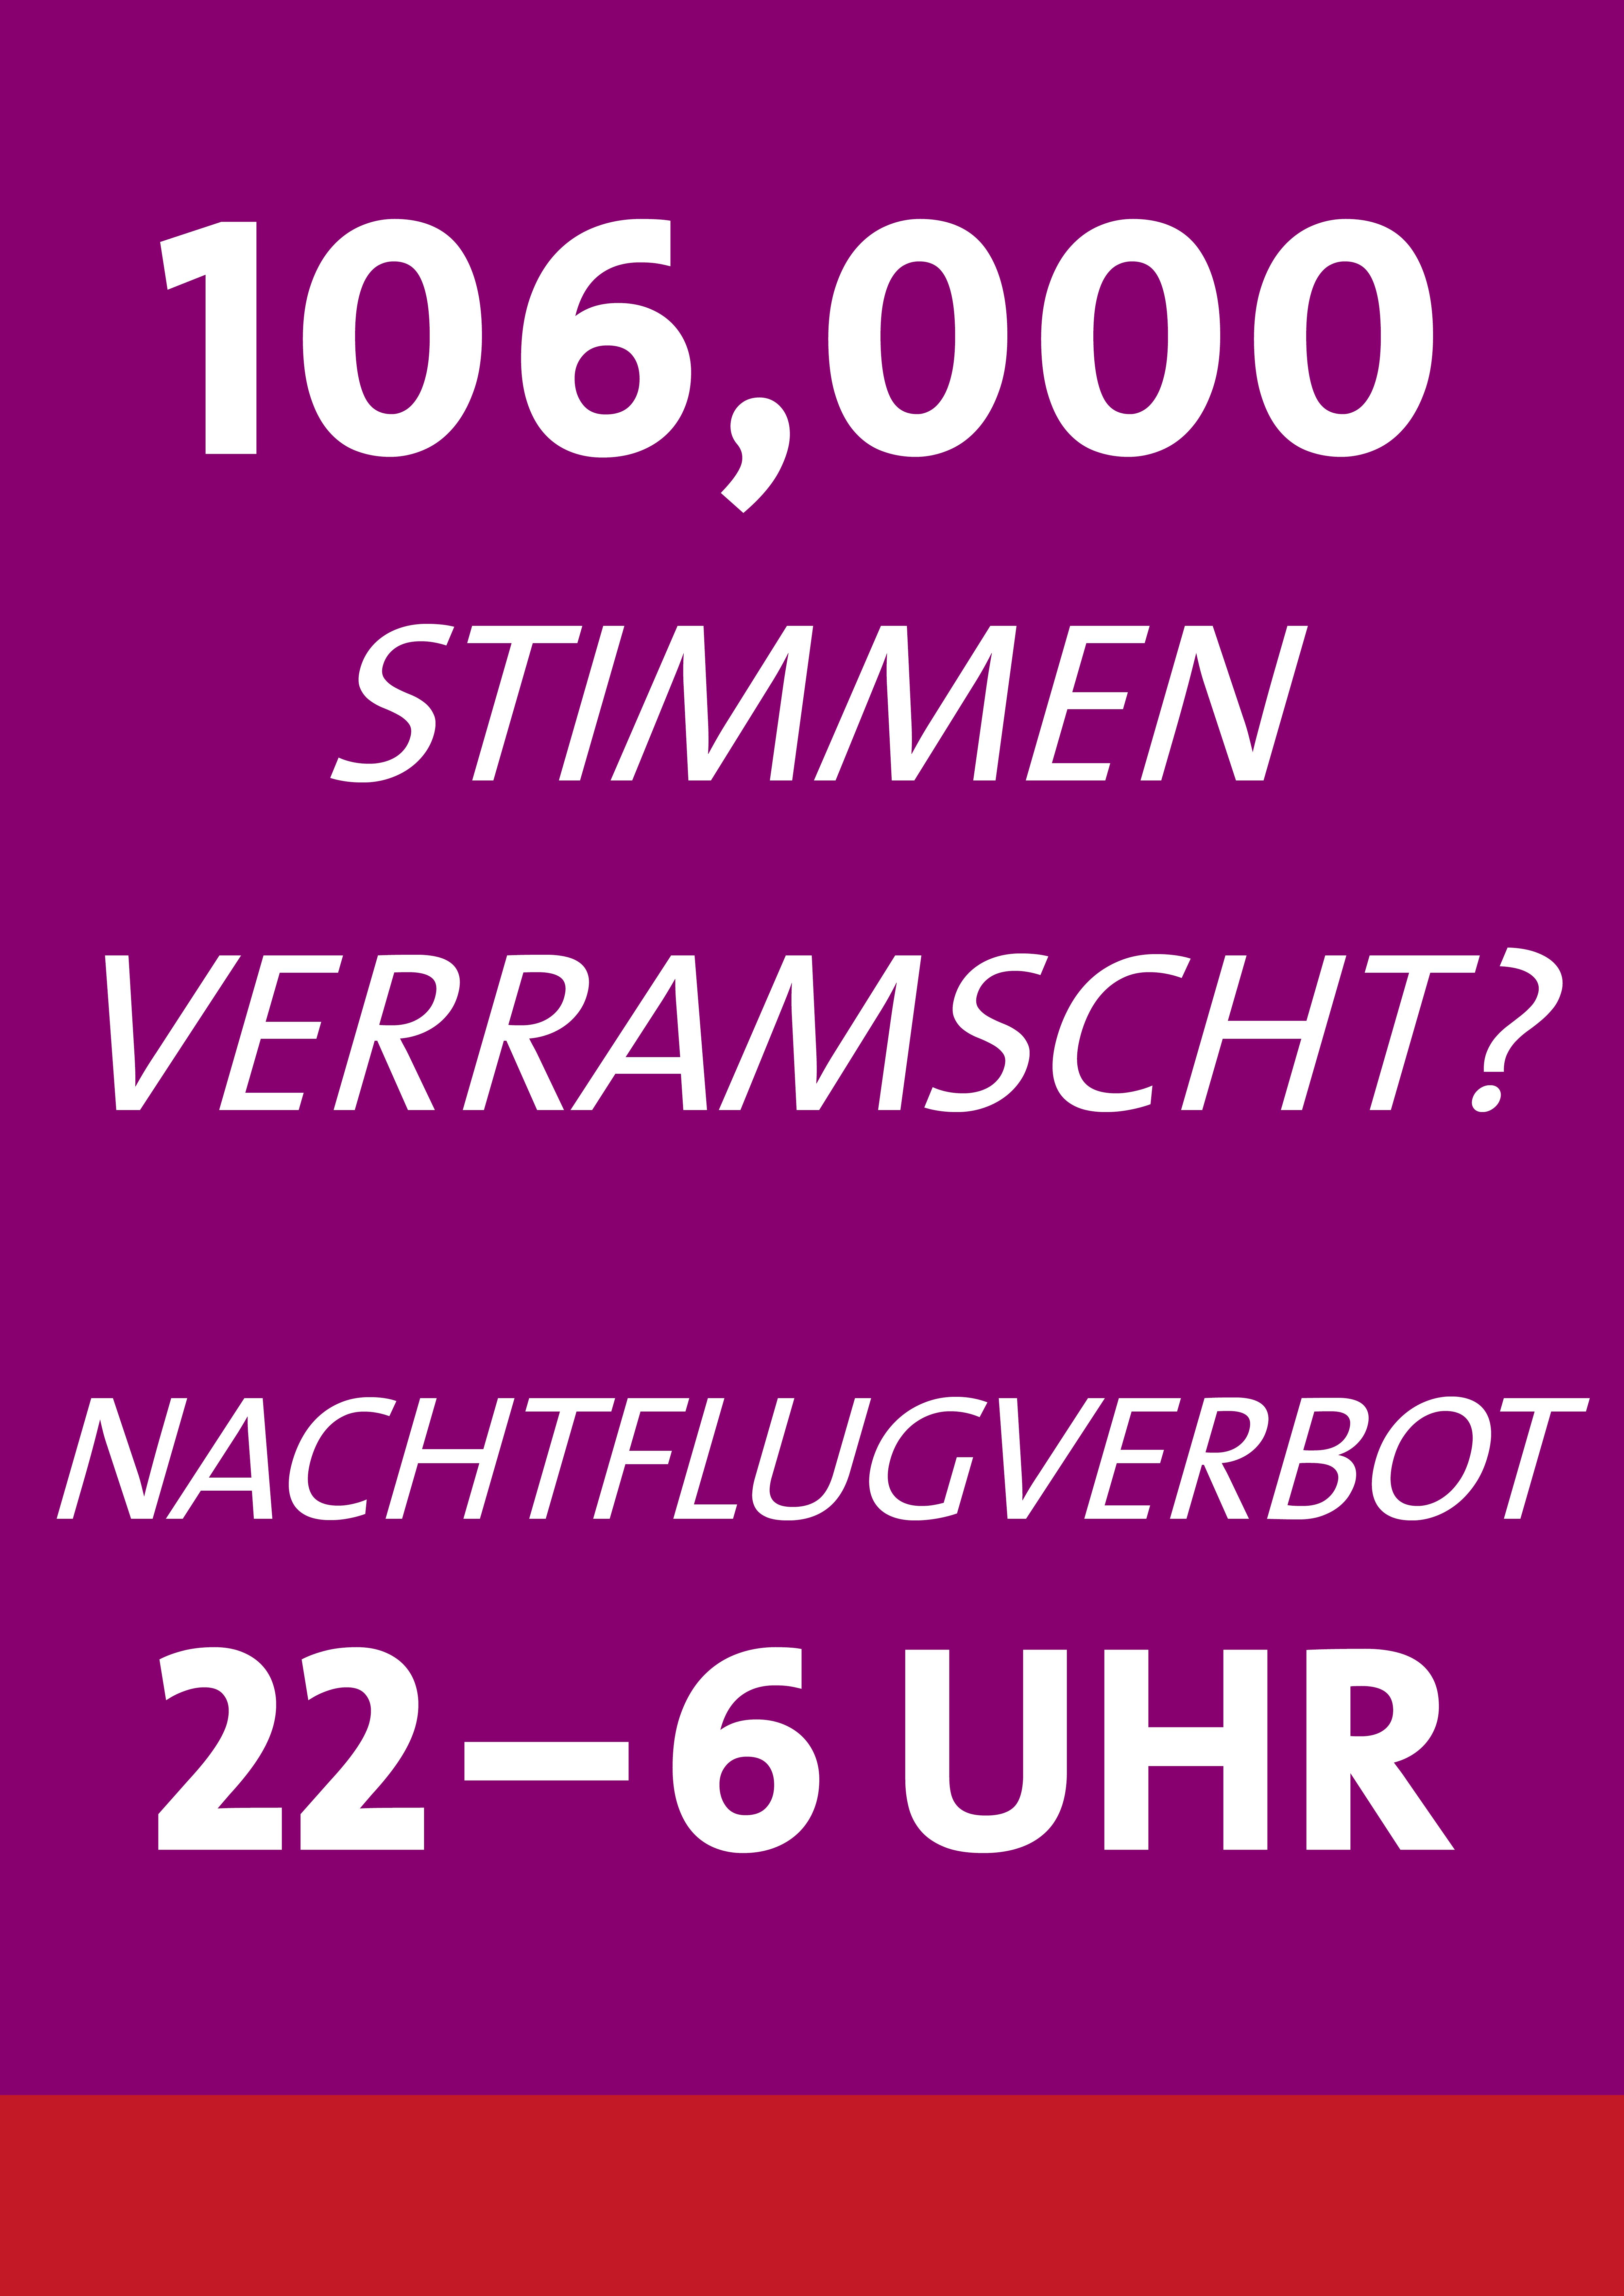 106,000 Stimmen